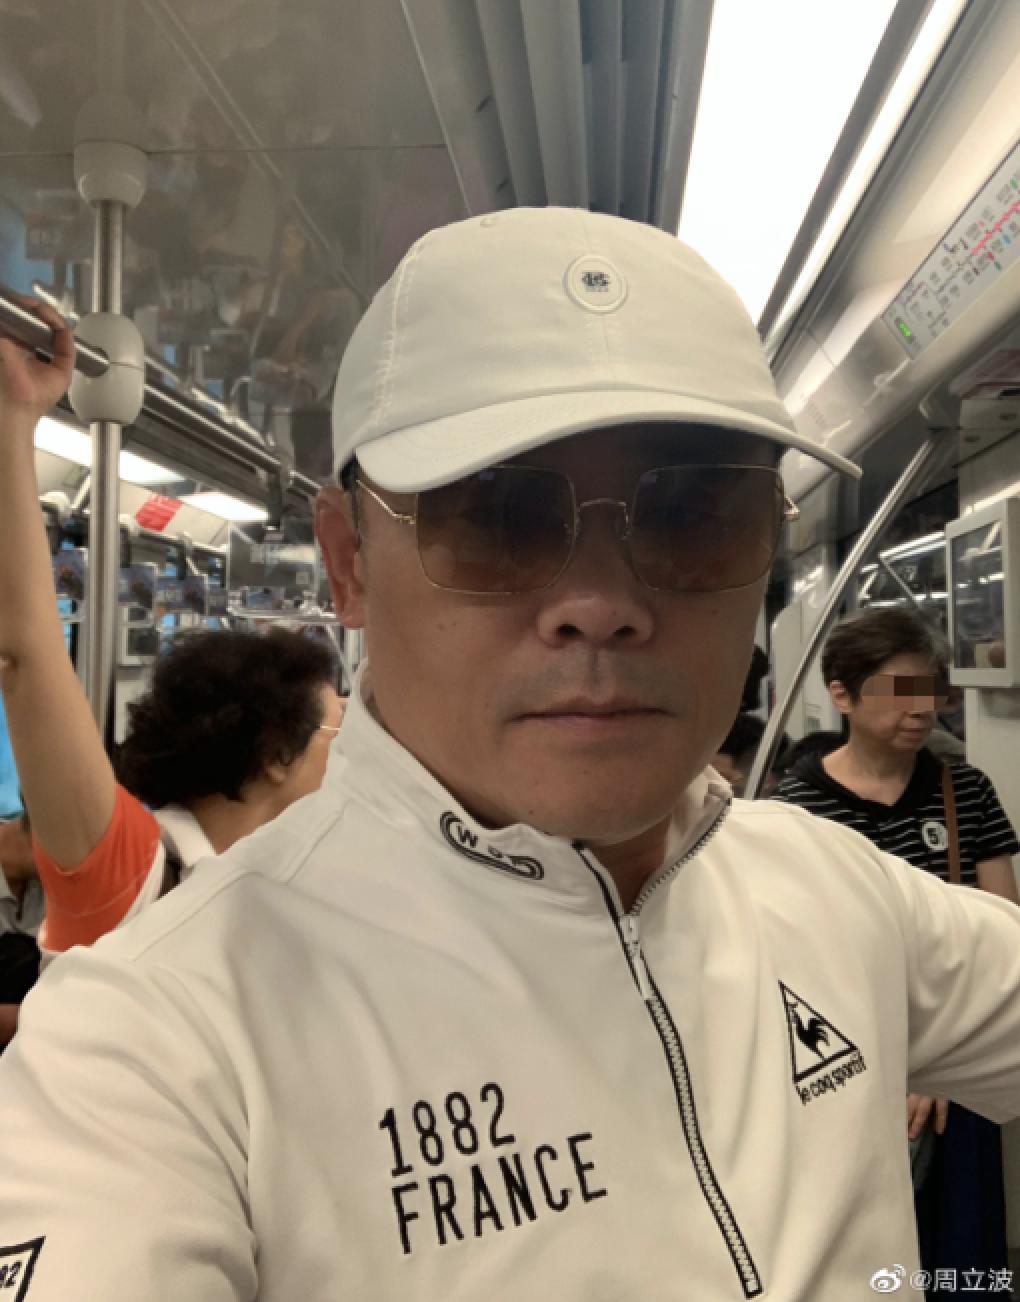 周立波晒照称夫妻俩第一次坐地铁,8站路站到腿酸也没人让座?